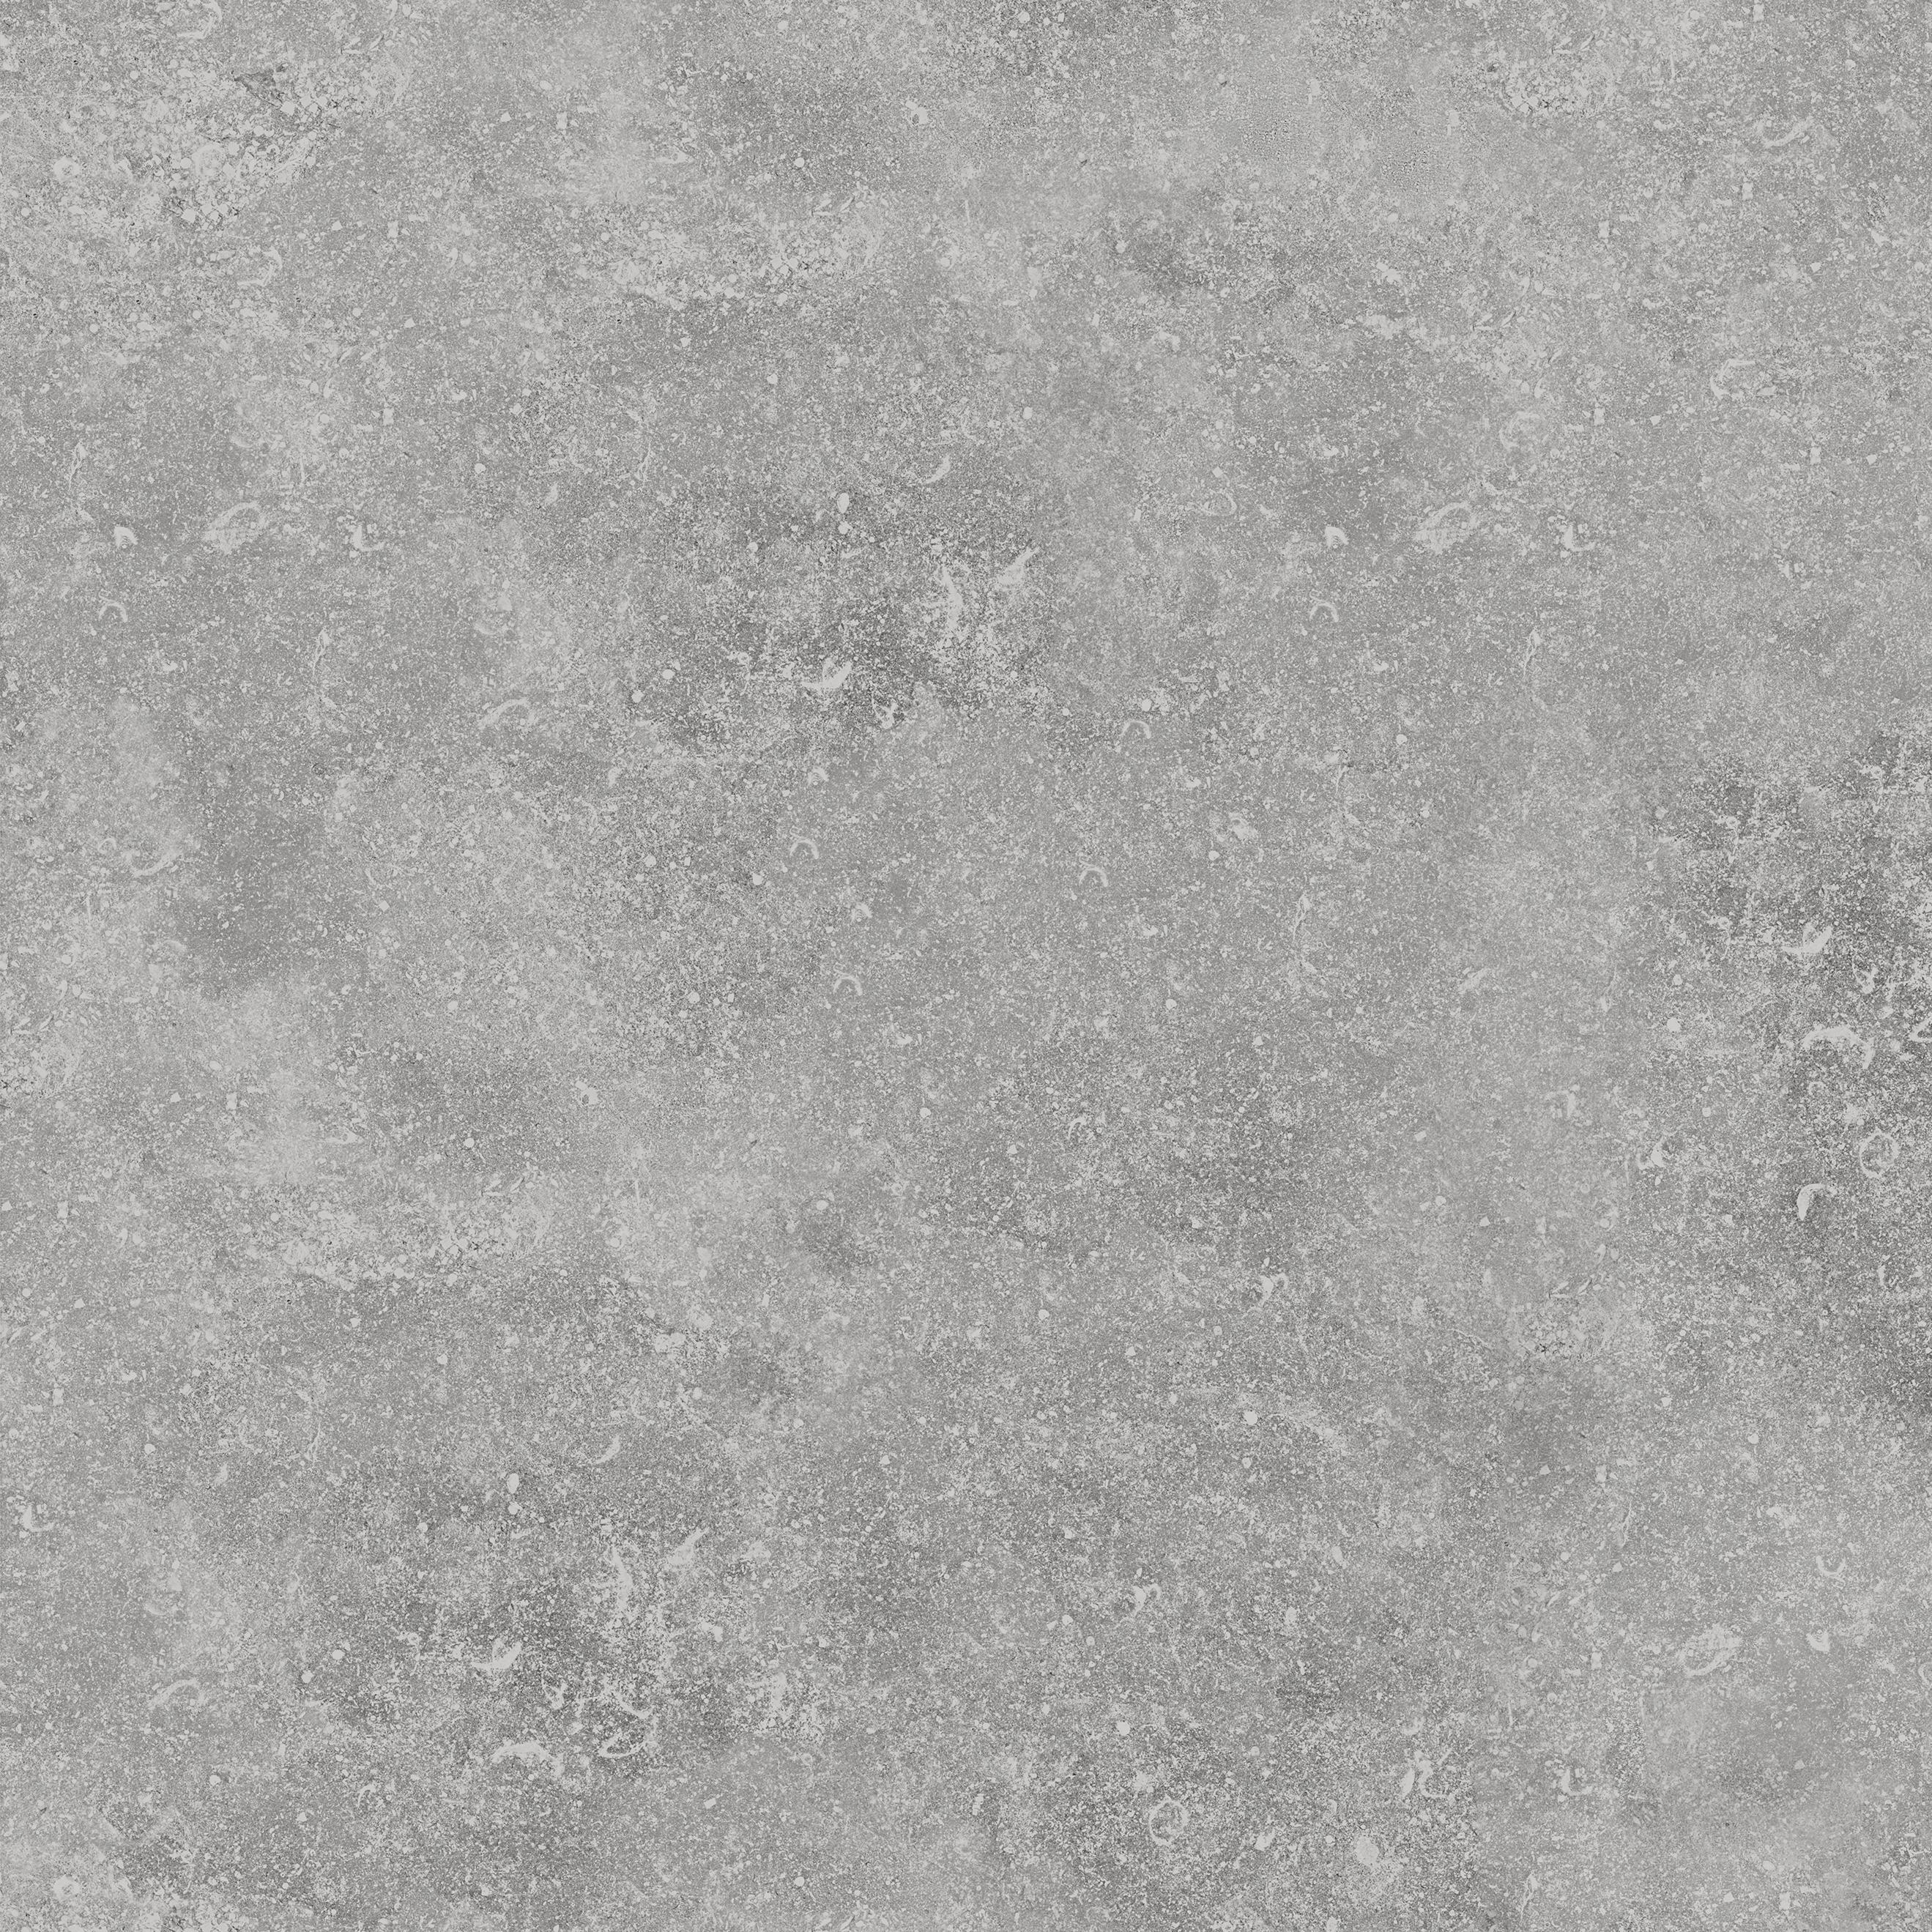 Benelux grey 60x60x2cm R11 II sort - Hansas Plaadimaailm